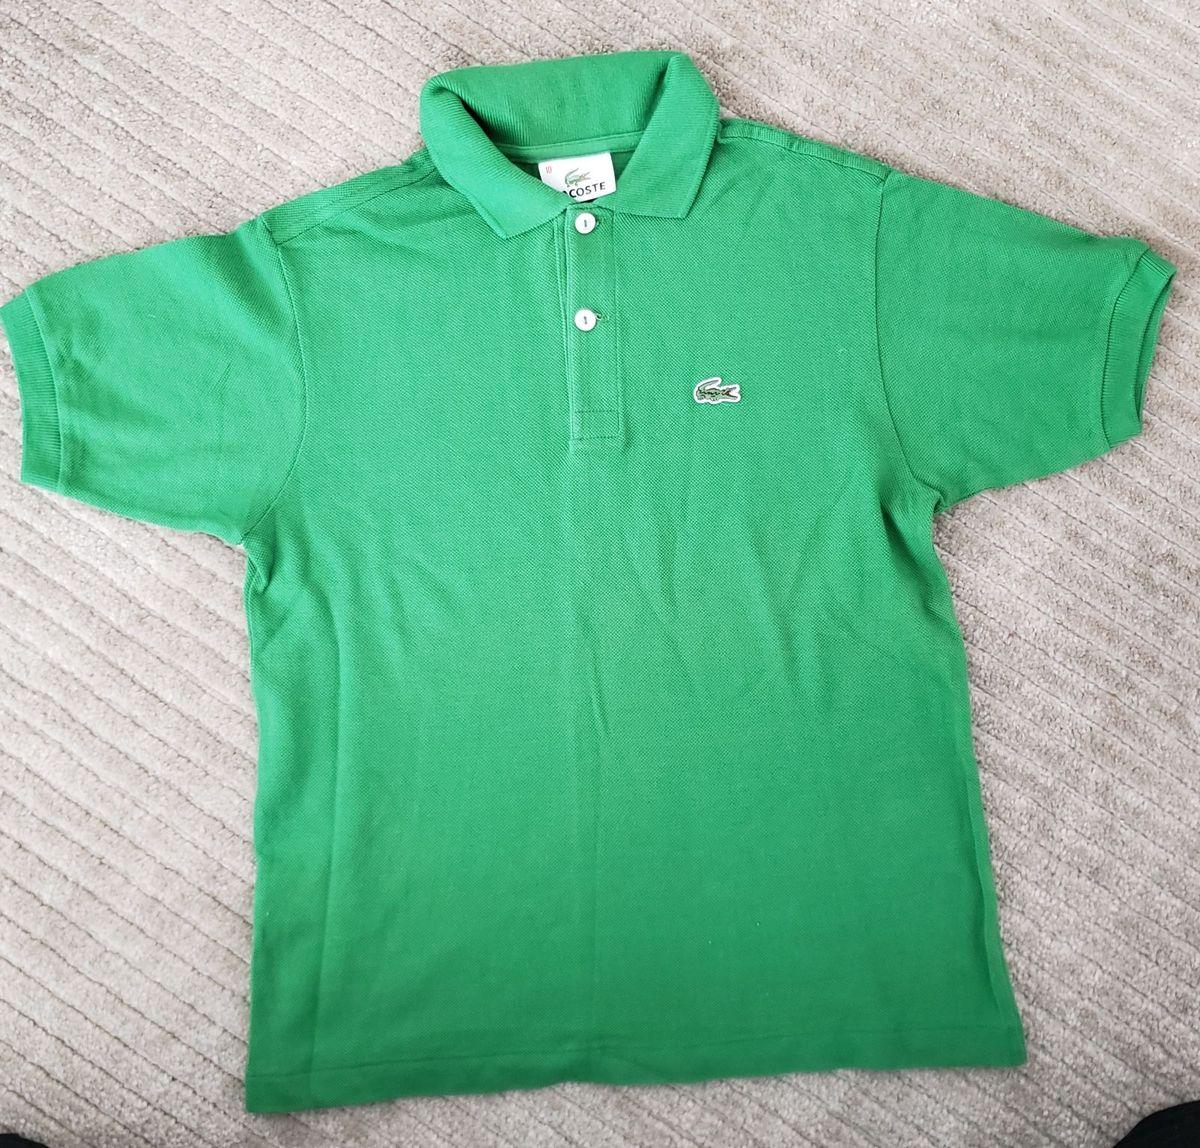 df3e6ec069317 camiseta polo lacoste original 100% algodao verde tamanho 10 anos - menino  lacoste